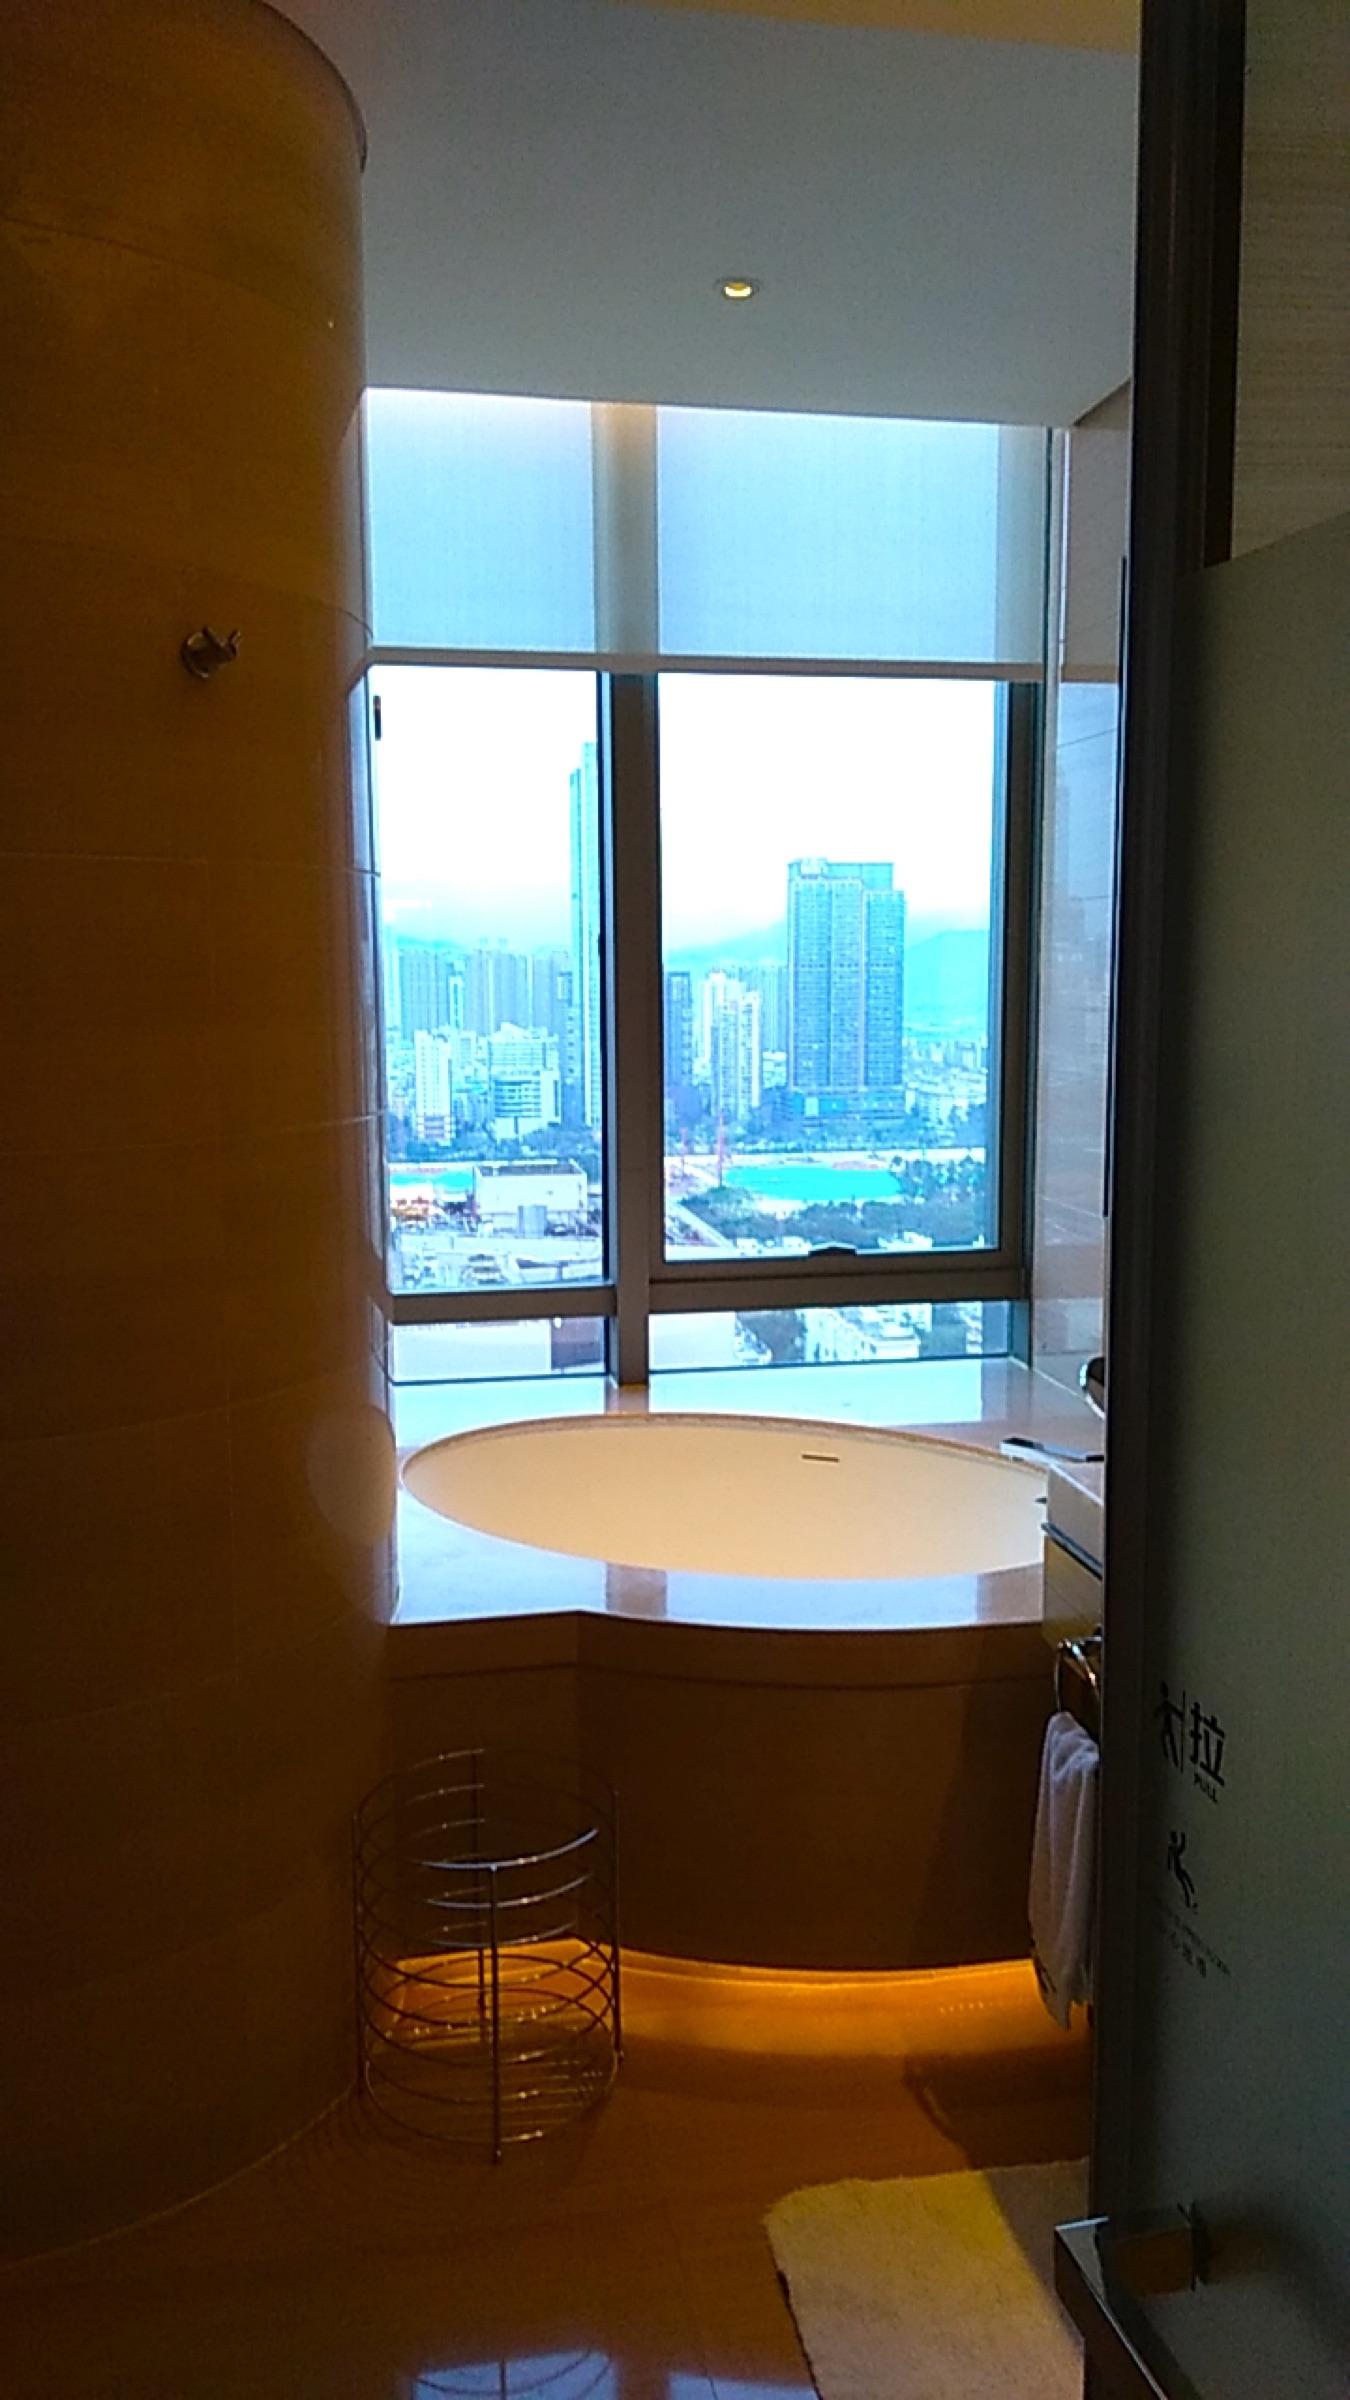 中国 深セン 福田 ウィンダム・グランド・ホテルのバスルーム Shenzhen Futian Wyndham Grand Hotel_[0]